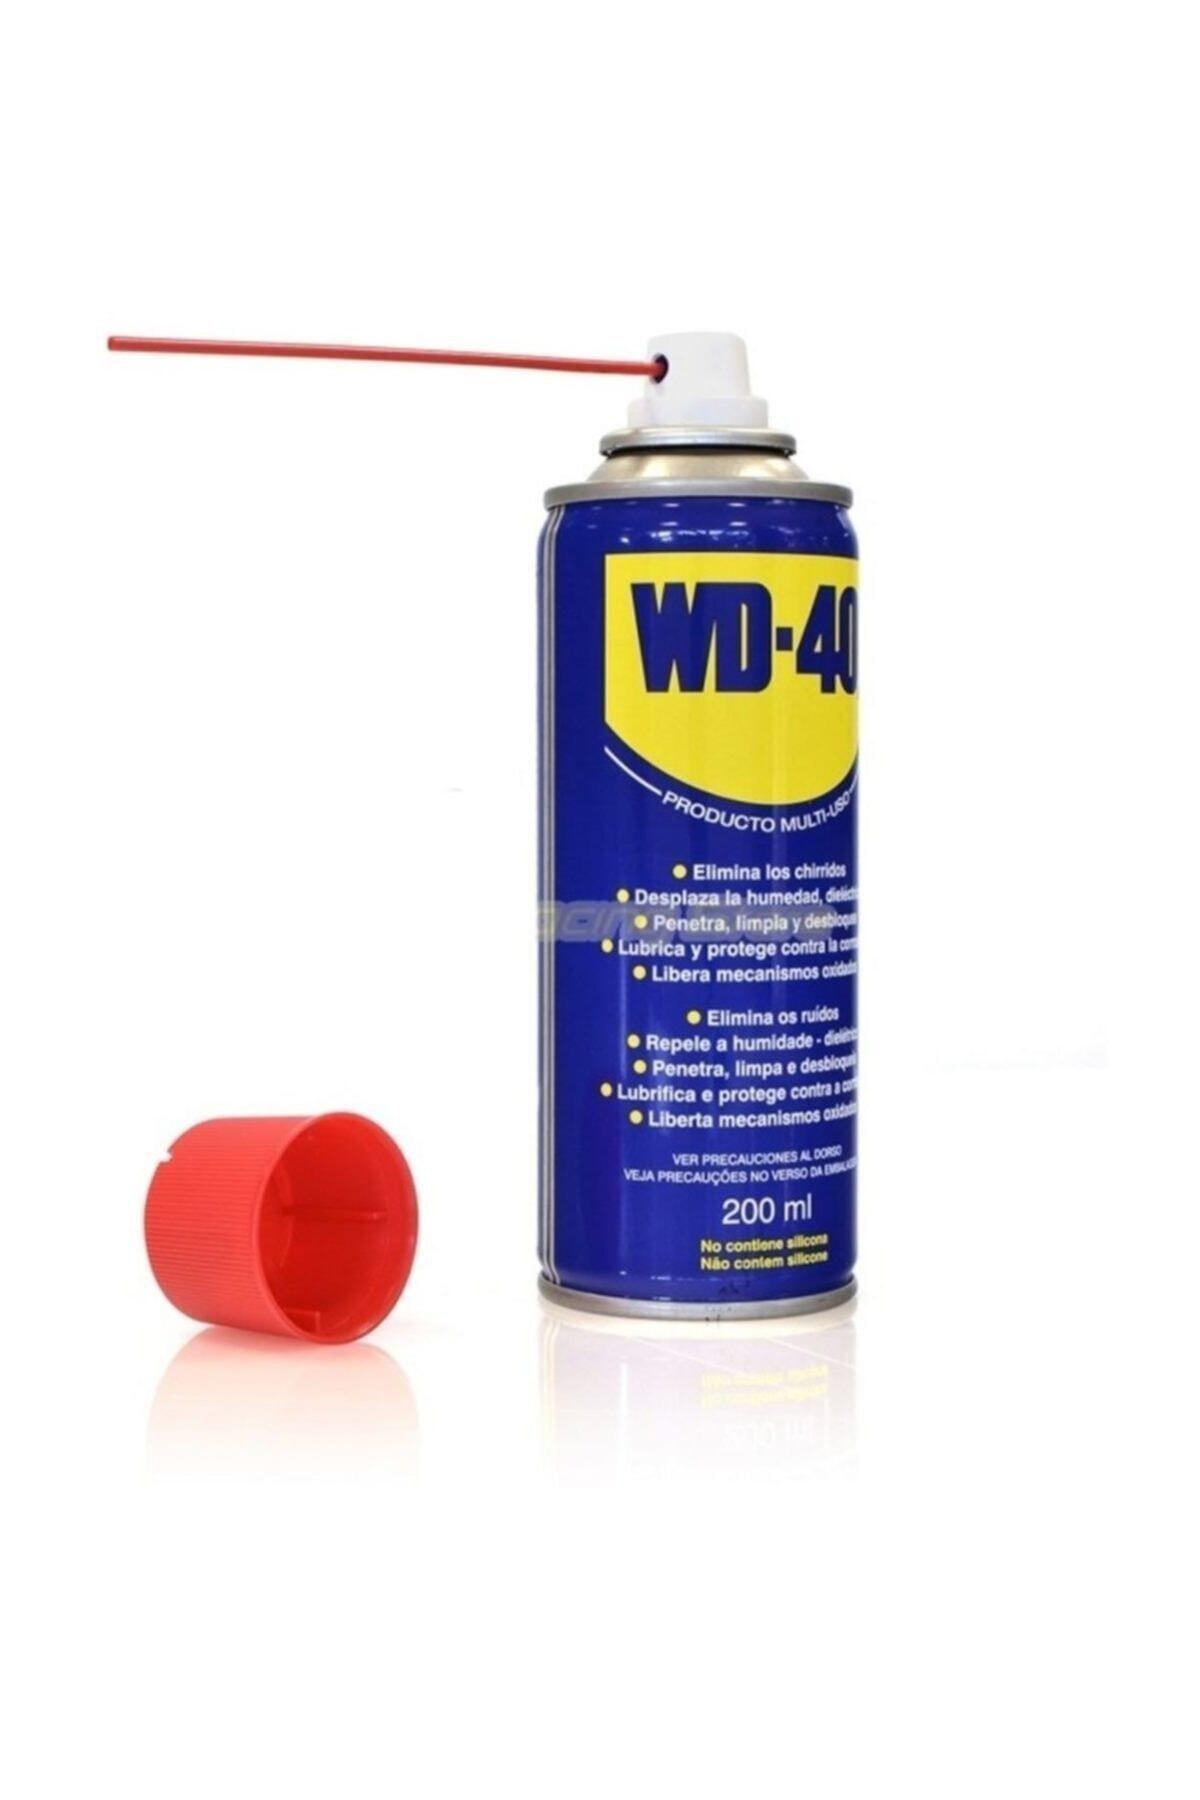 Henkel Wd40 - 200 ml Pas Sökücü / Koruyucu / Yağlayıcı 1